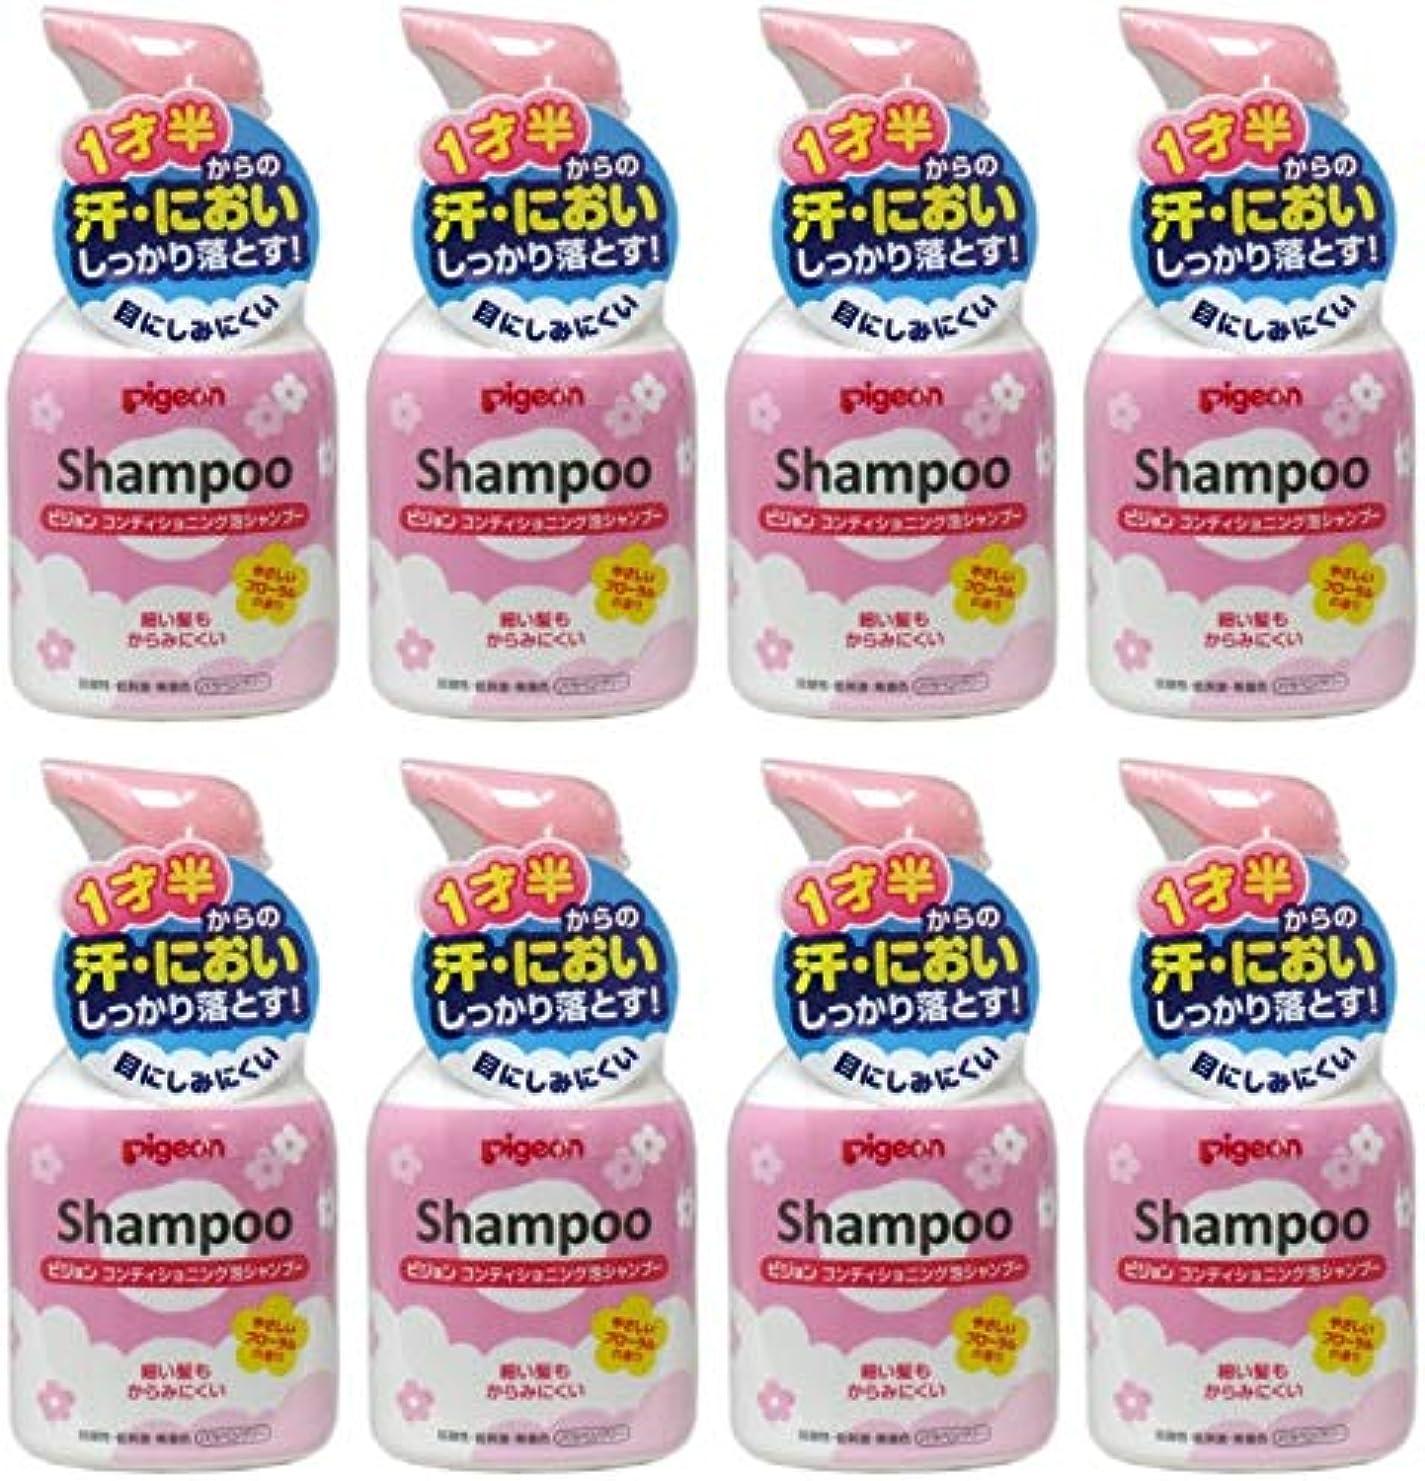 【まとめ買い】ピジョン コンディショニング 泡シャンプー やさしいフローラルの香り 350ml【×8個】